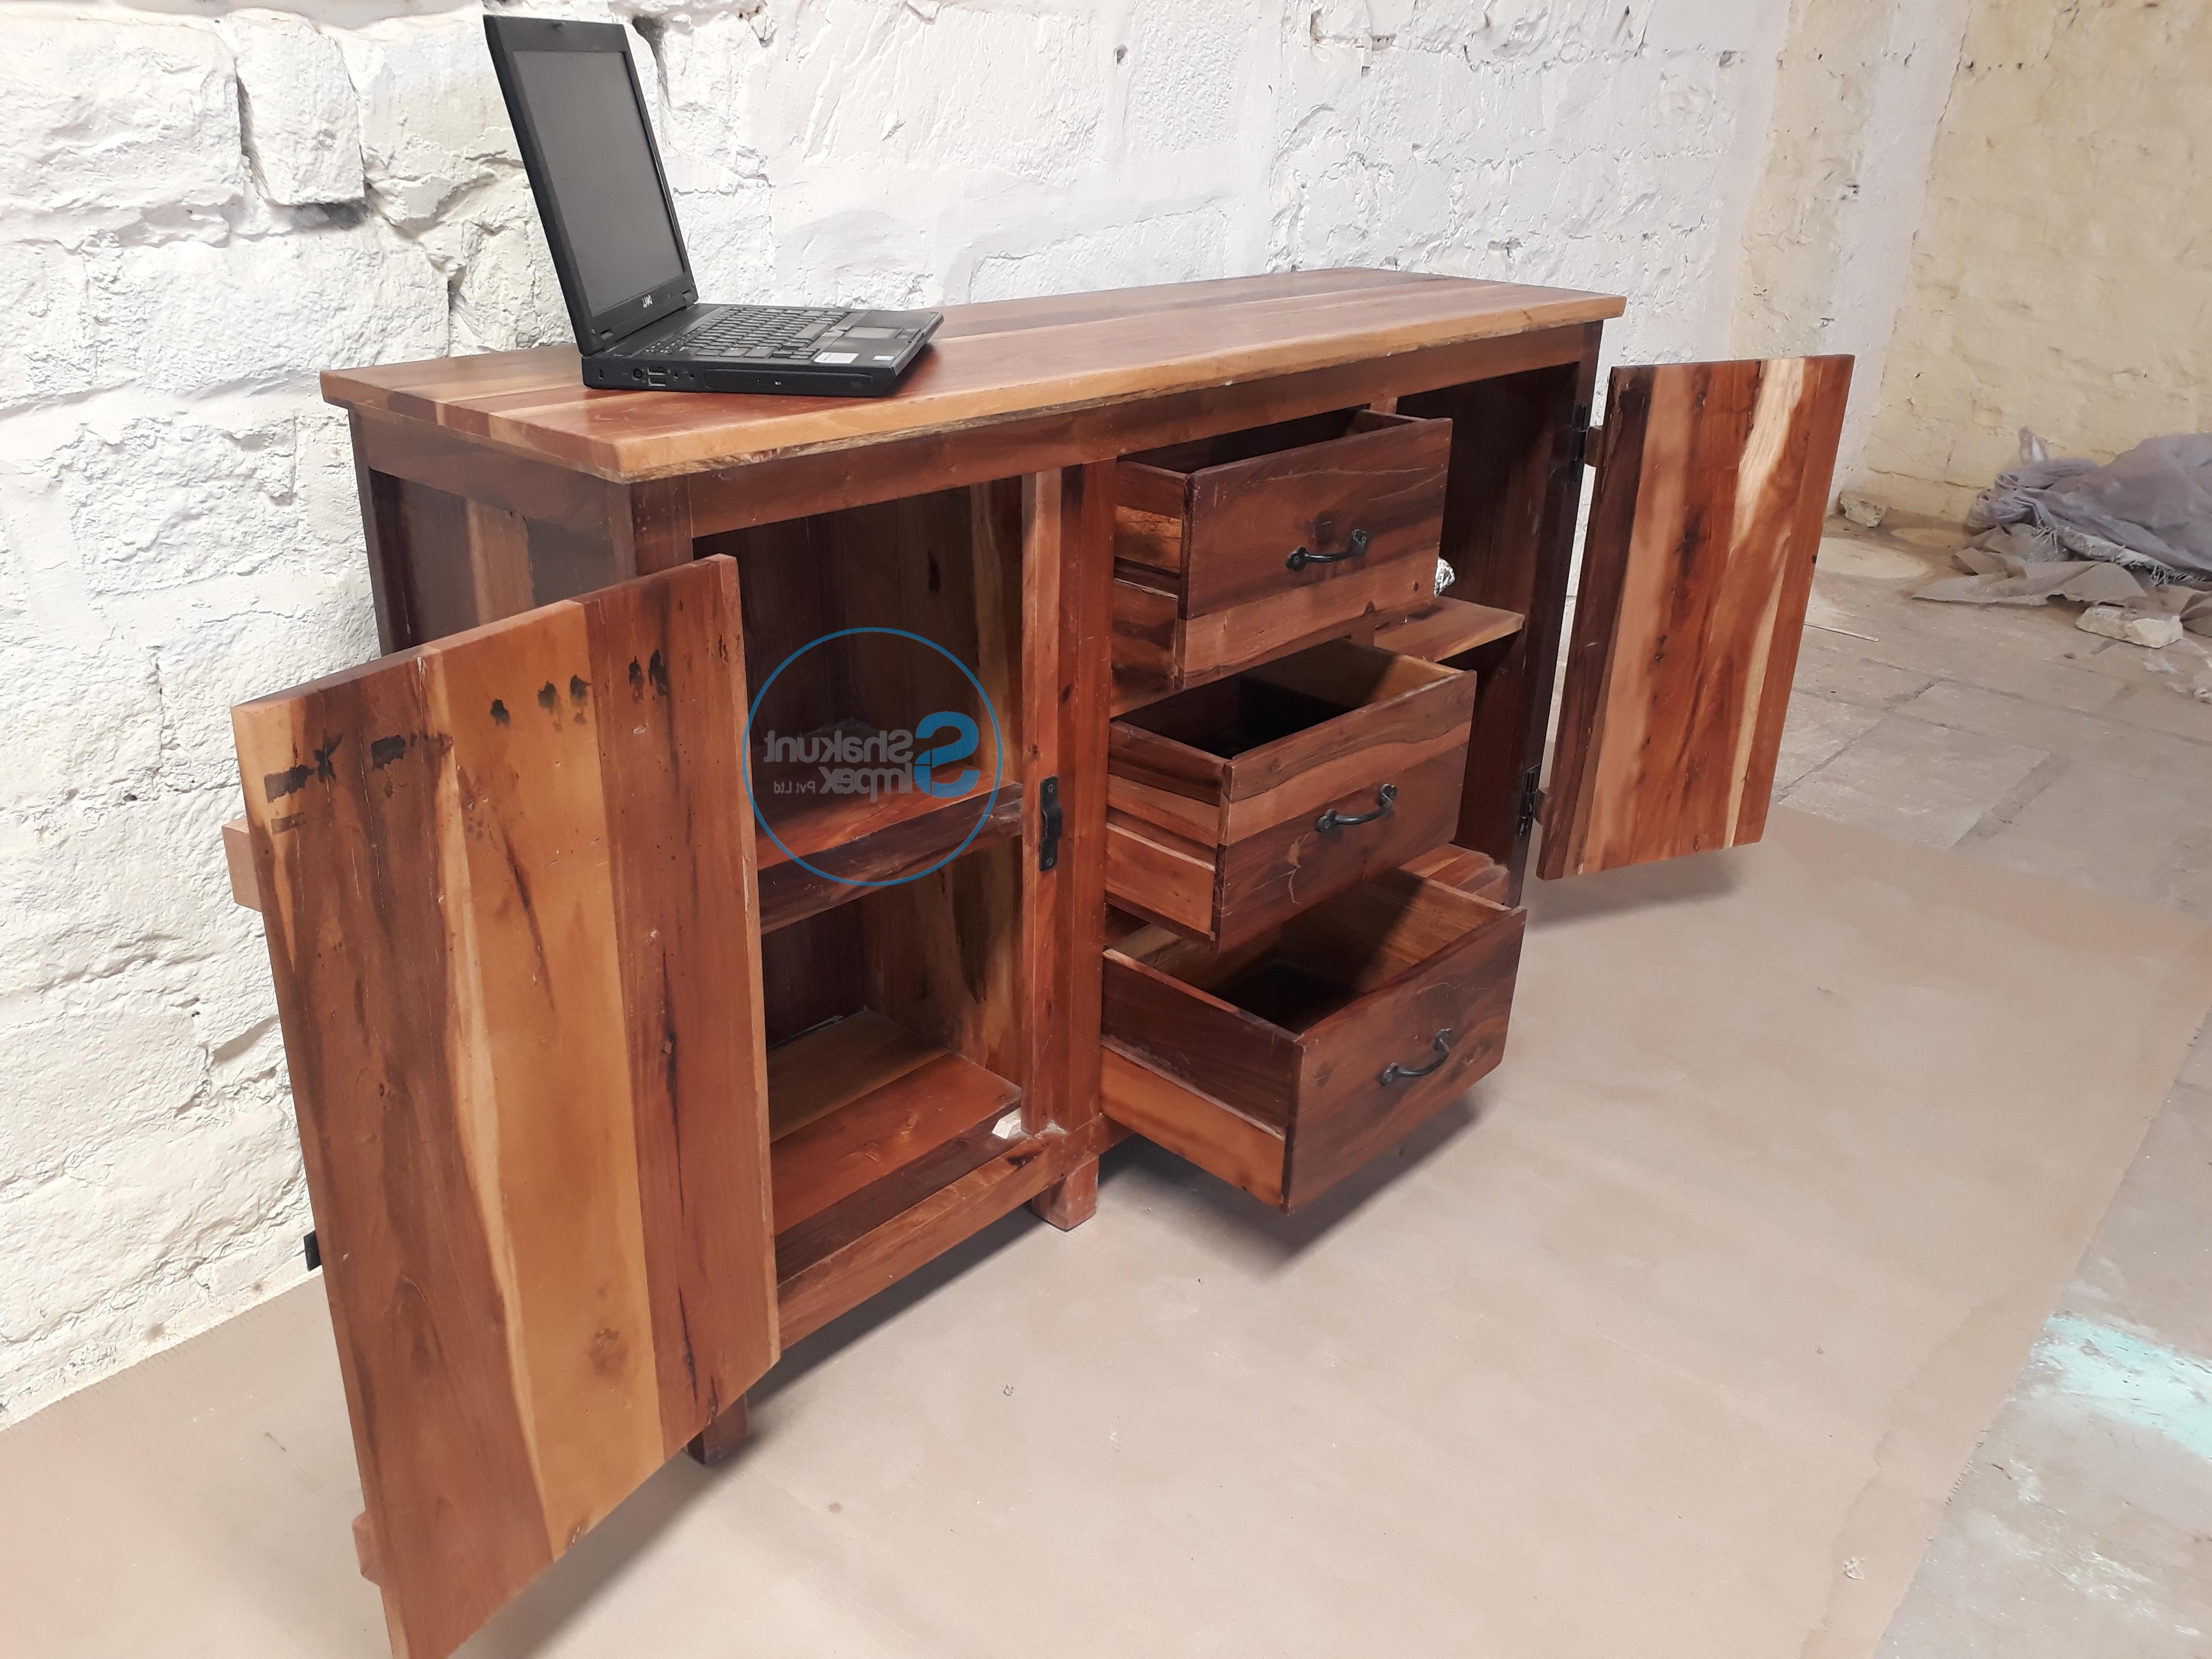 Metal Framed Reclaimed Wood Sideboards Intended For 2019 Handmade Reclaimed Wood Sideboard – Shakunt Vintage Furniture (Gallery 7 of 20)